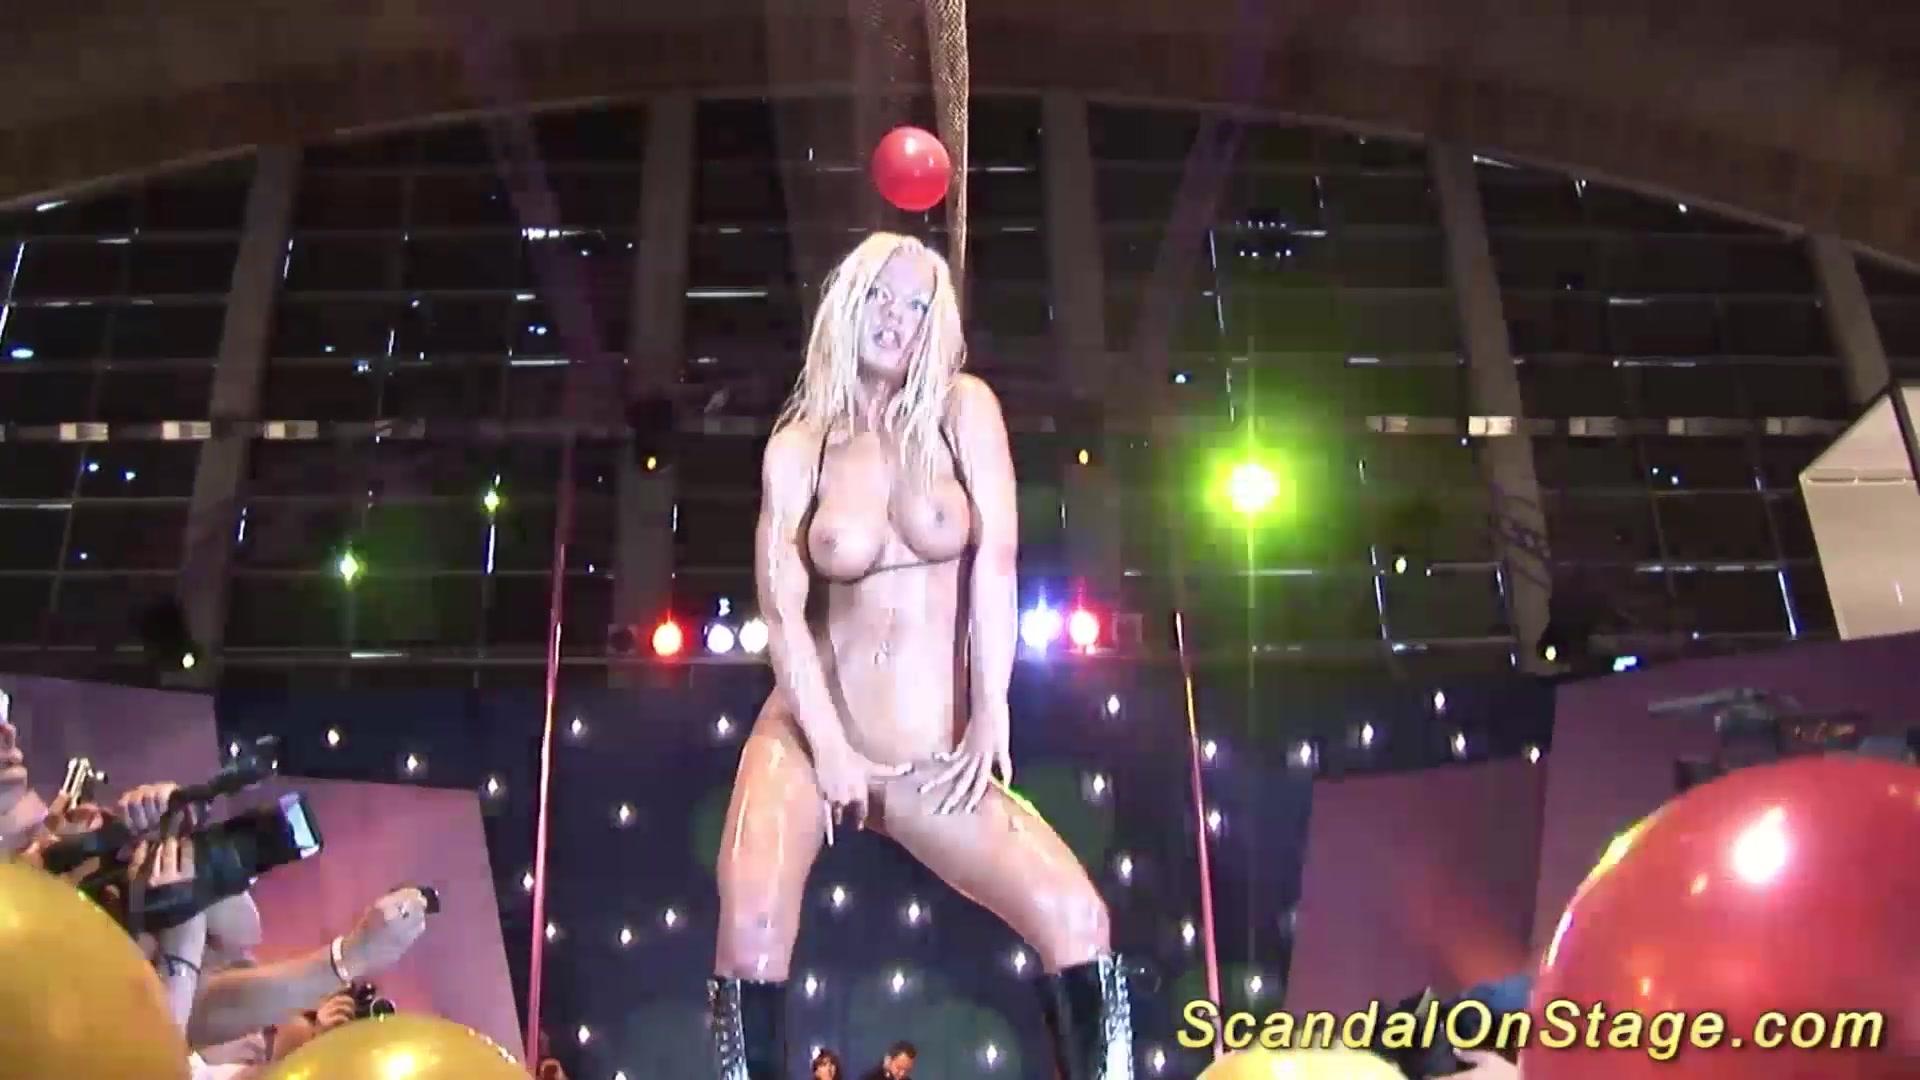 Milf sex show